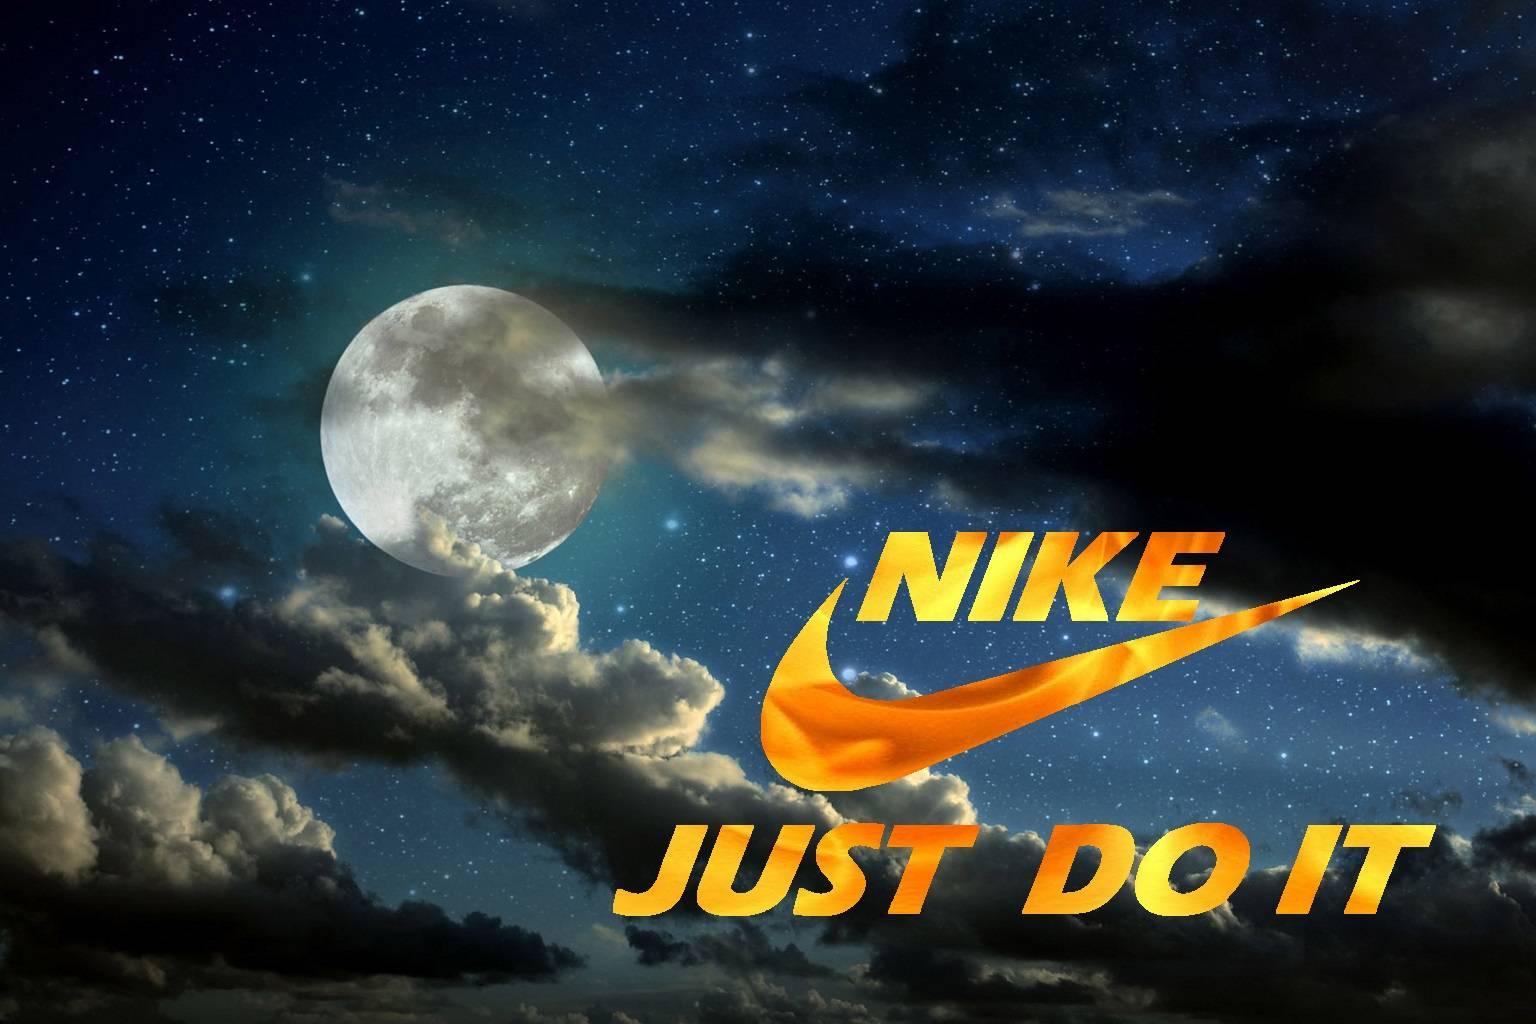 Nike in the sky